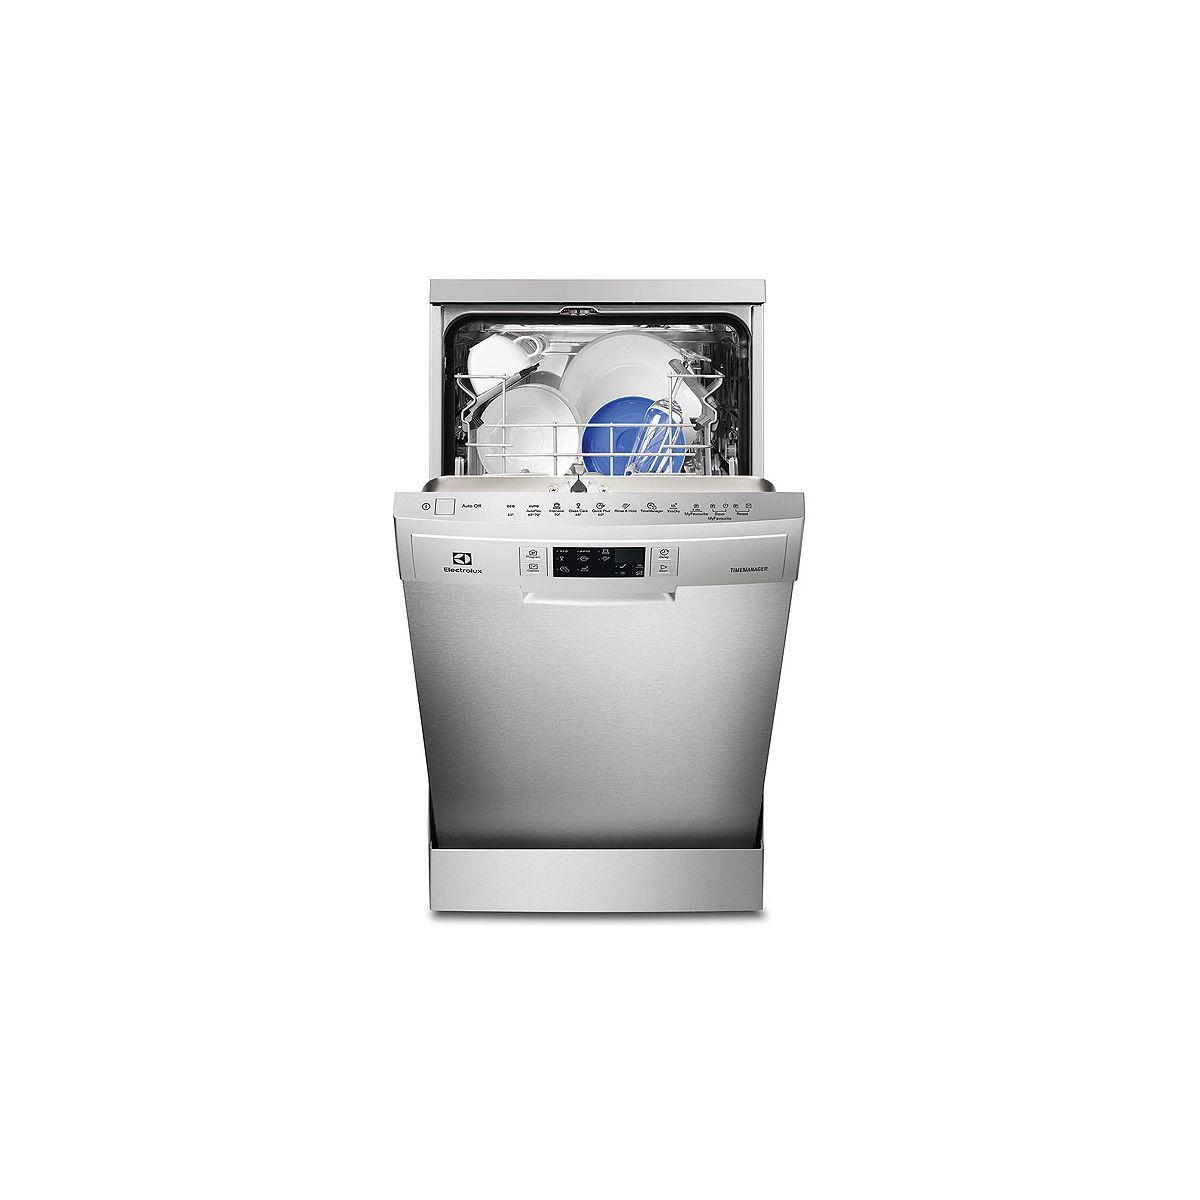 Lave vaisselle 45 cm electrolux esf4661rox airdry - 7% de remise imm�diate avec le code : gam7